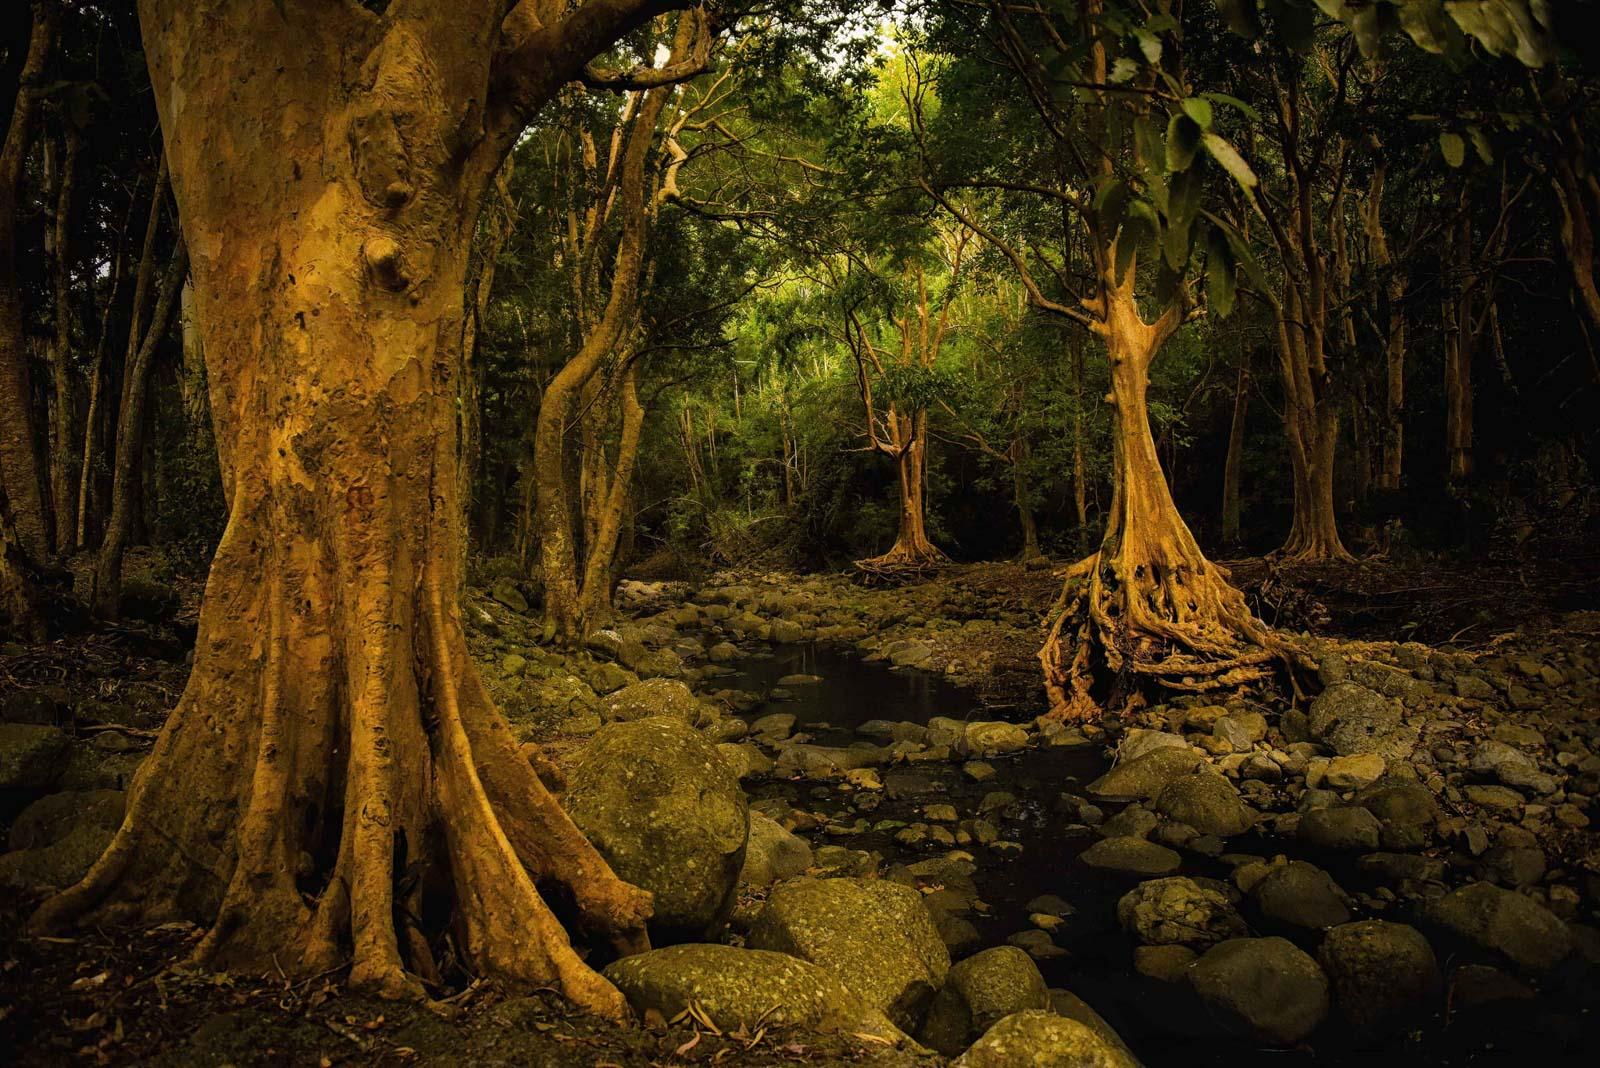 Black River Gorges - niesamowite drzewa